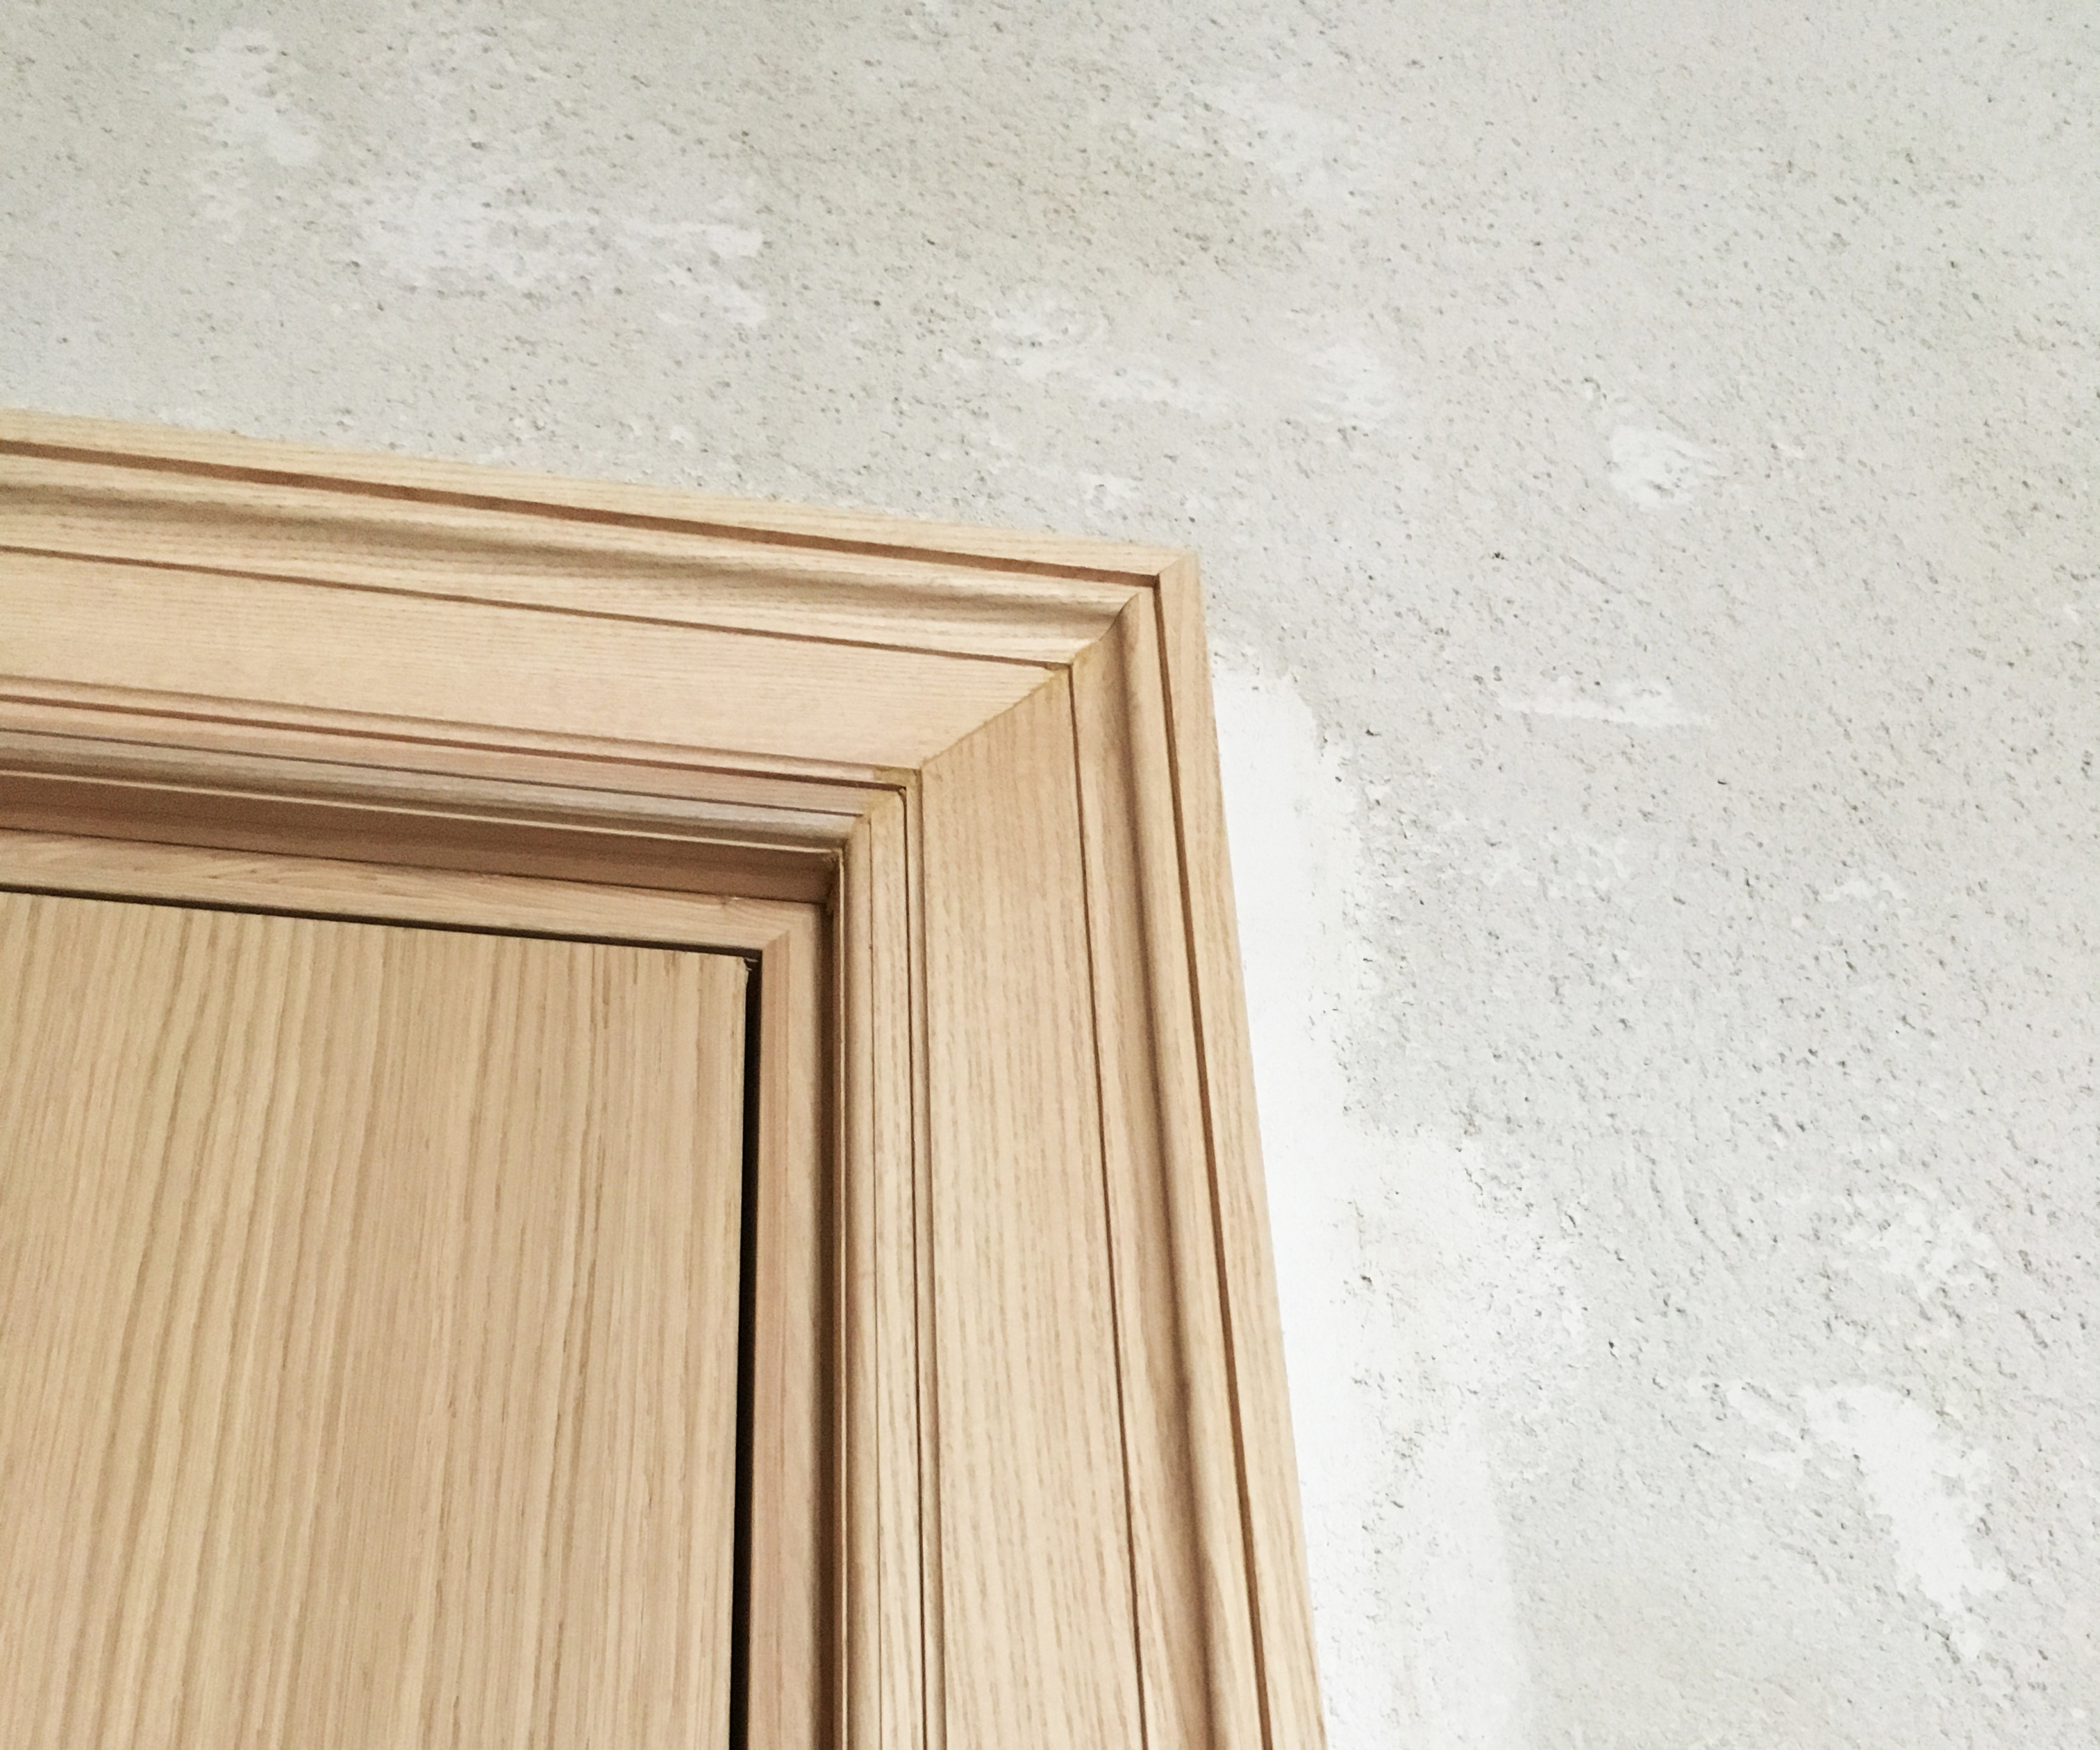 Porte Rovere Sbiancato Spazzolato porte in legno - portoncini blindati - serramenti - porte